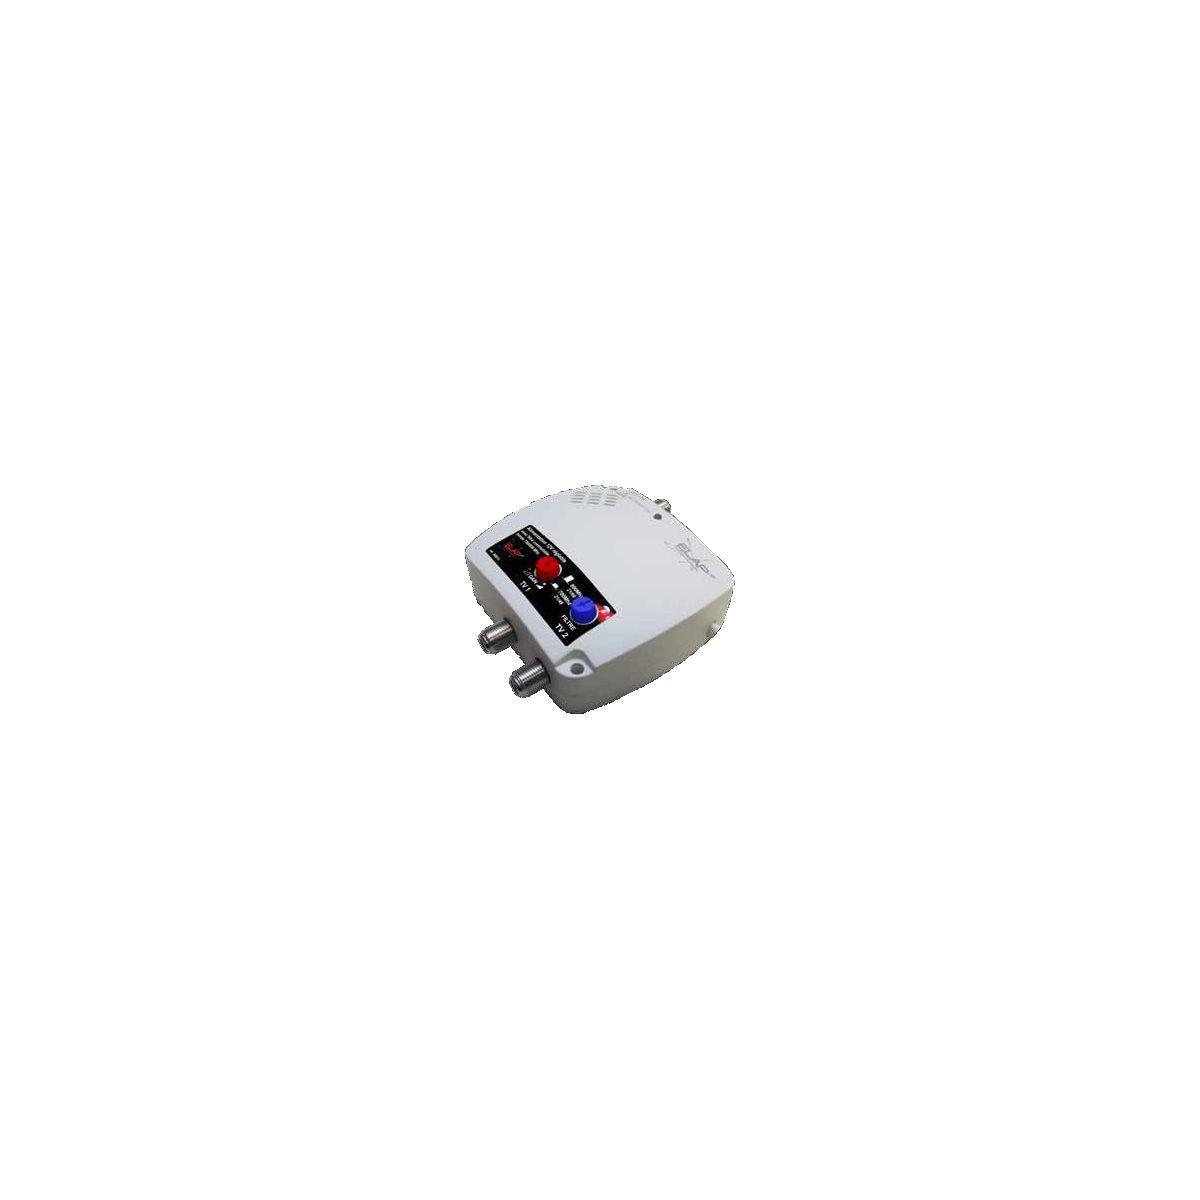 Antenne ext�rieure elap patch 55 db filtr�e 4g/5g - 7% de remise imm�diate avec le code : deal7 (photo)